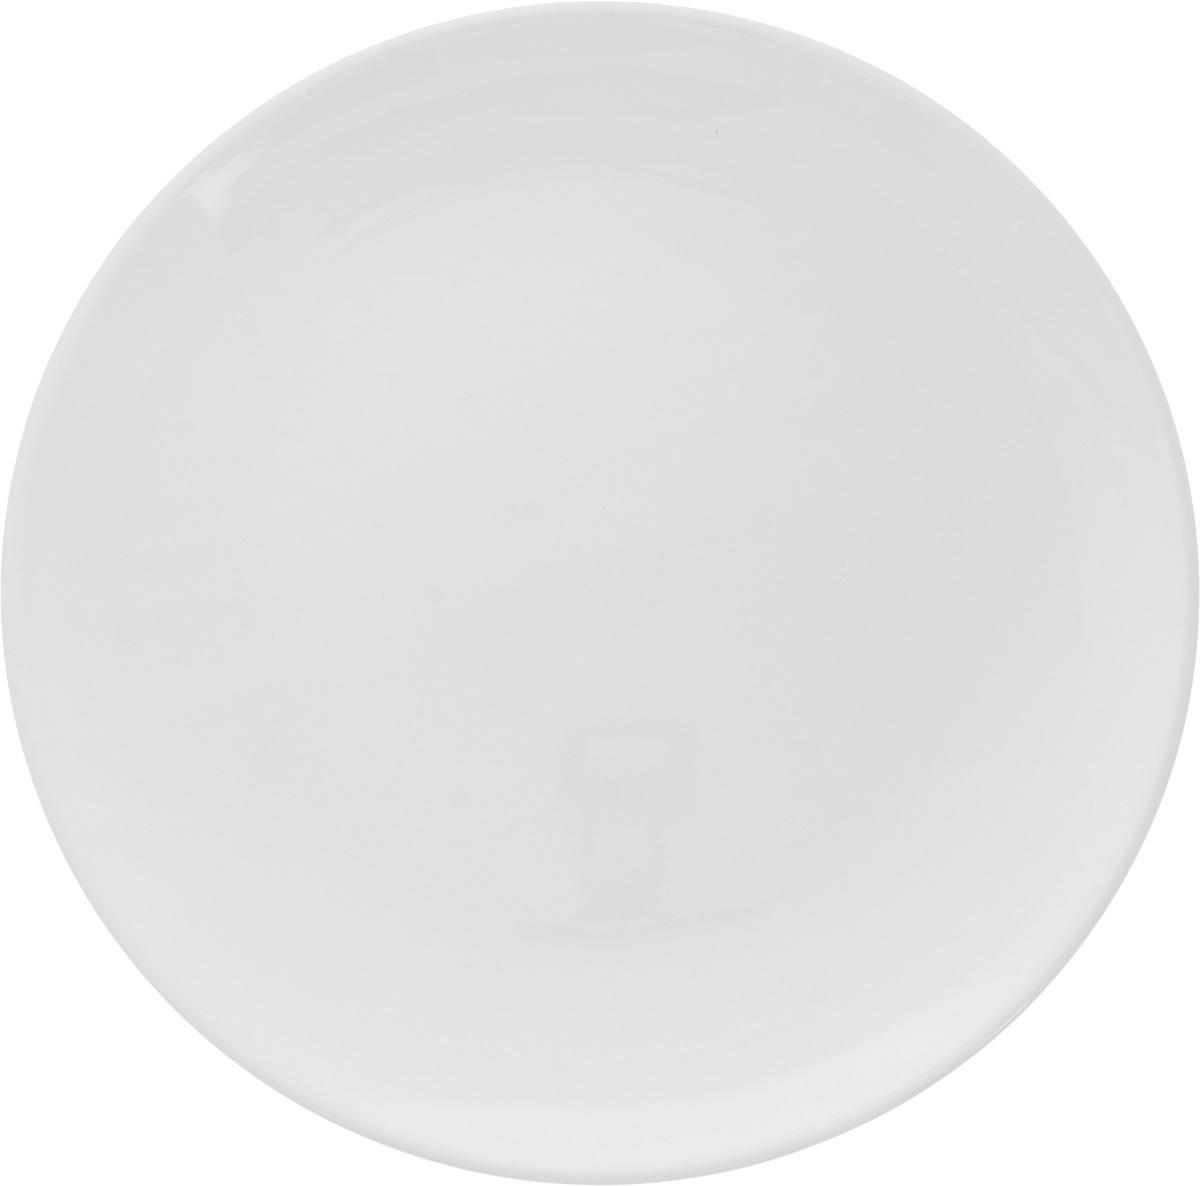 Тарелка Ariane Коуп, диаметр 21 см. AVCARN1102154 009312Тарелка Ariane Коуп, изготовленная из высококачественного фарфора, имеет классическую круглую форму без полей. Такая тарелка отлично подойдет в качестве блюда для закусок и нарезок, а также для подачи различных десертов. Изделие прекрасно впишется в интерьер вашей кухни и станет достойным дополнением к кухонному инвентарю. Тарелка Ariane Коуп подчеркнет прекрасный вкус хозяйки и станет отличным подарком.Можно мыть в посудомоечной машине и использовать в микроволновой печи. Высота: 2,5 см.Диаметр тарелки: 21 см.